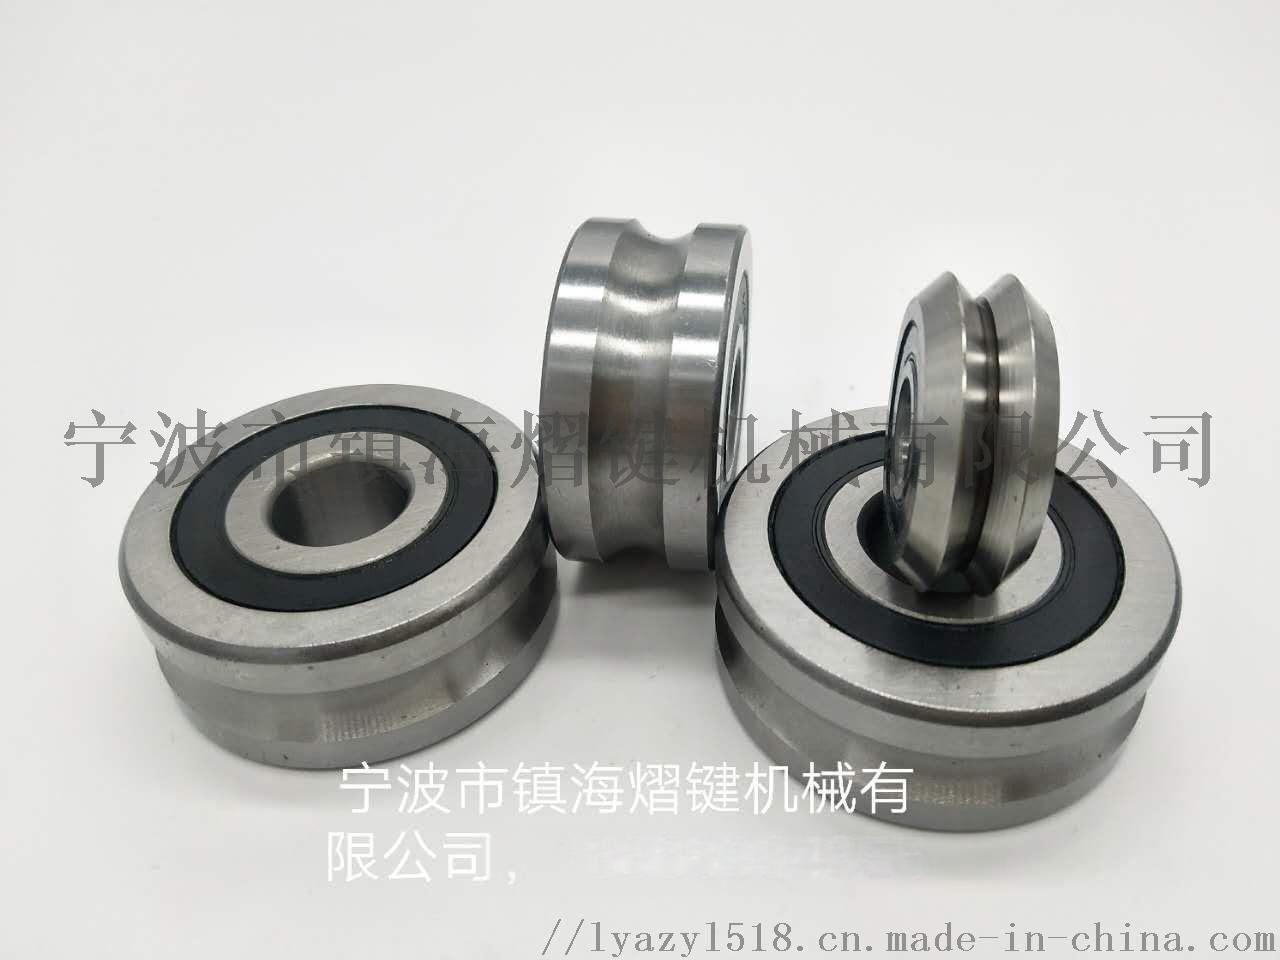 专业生产非标轴承LFFFR508NPP57539302